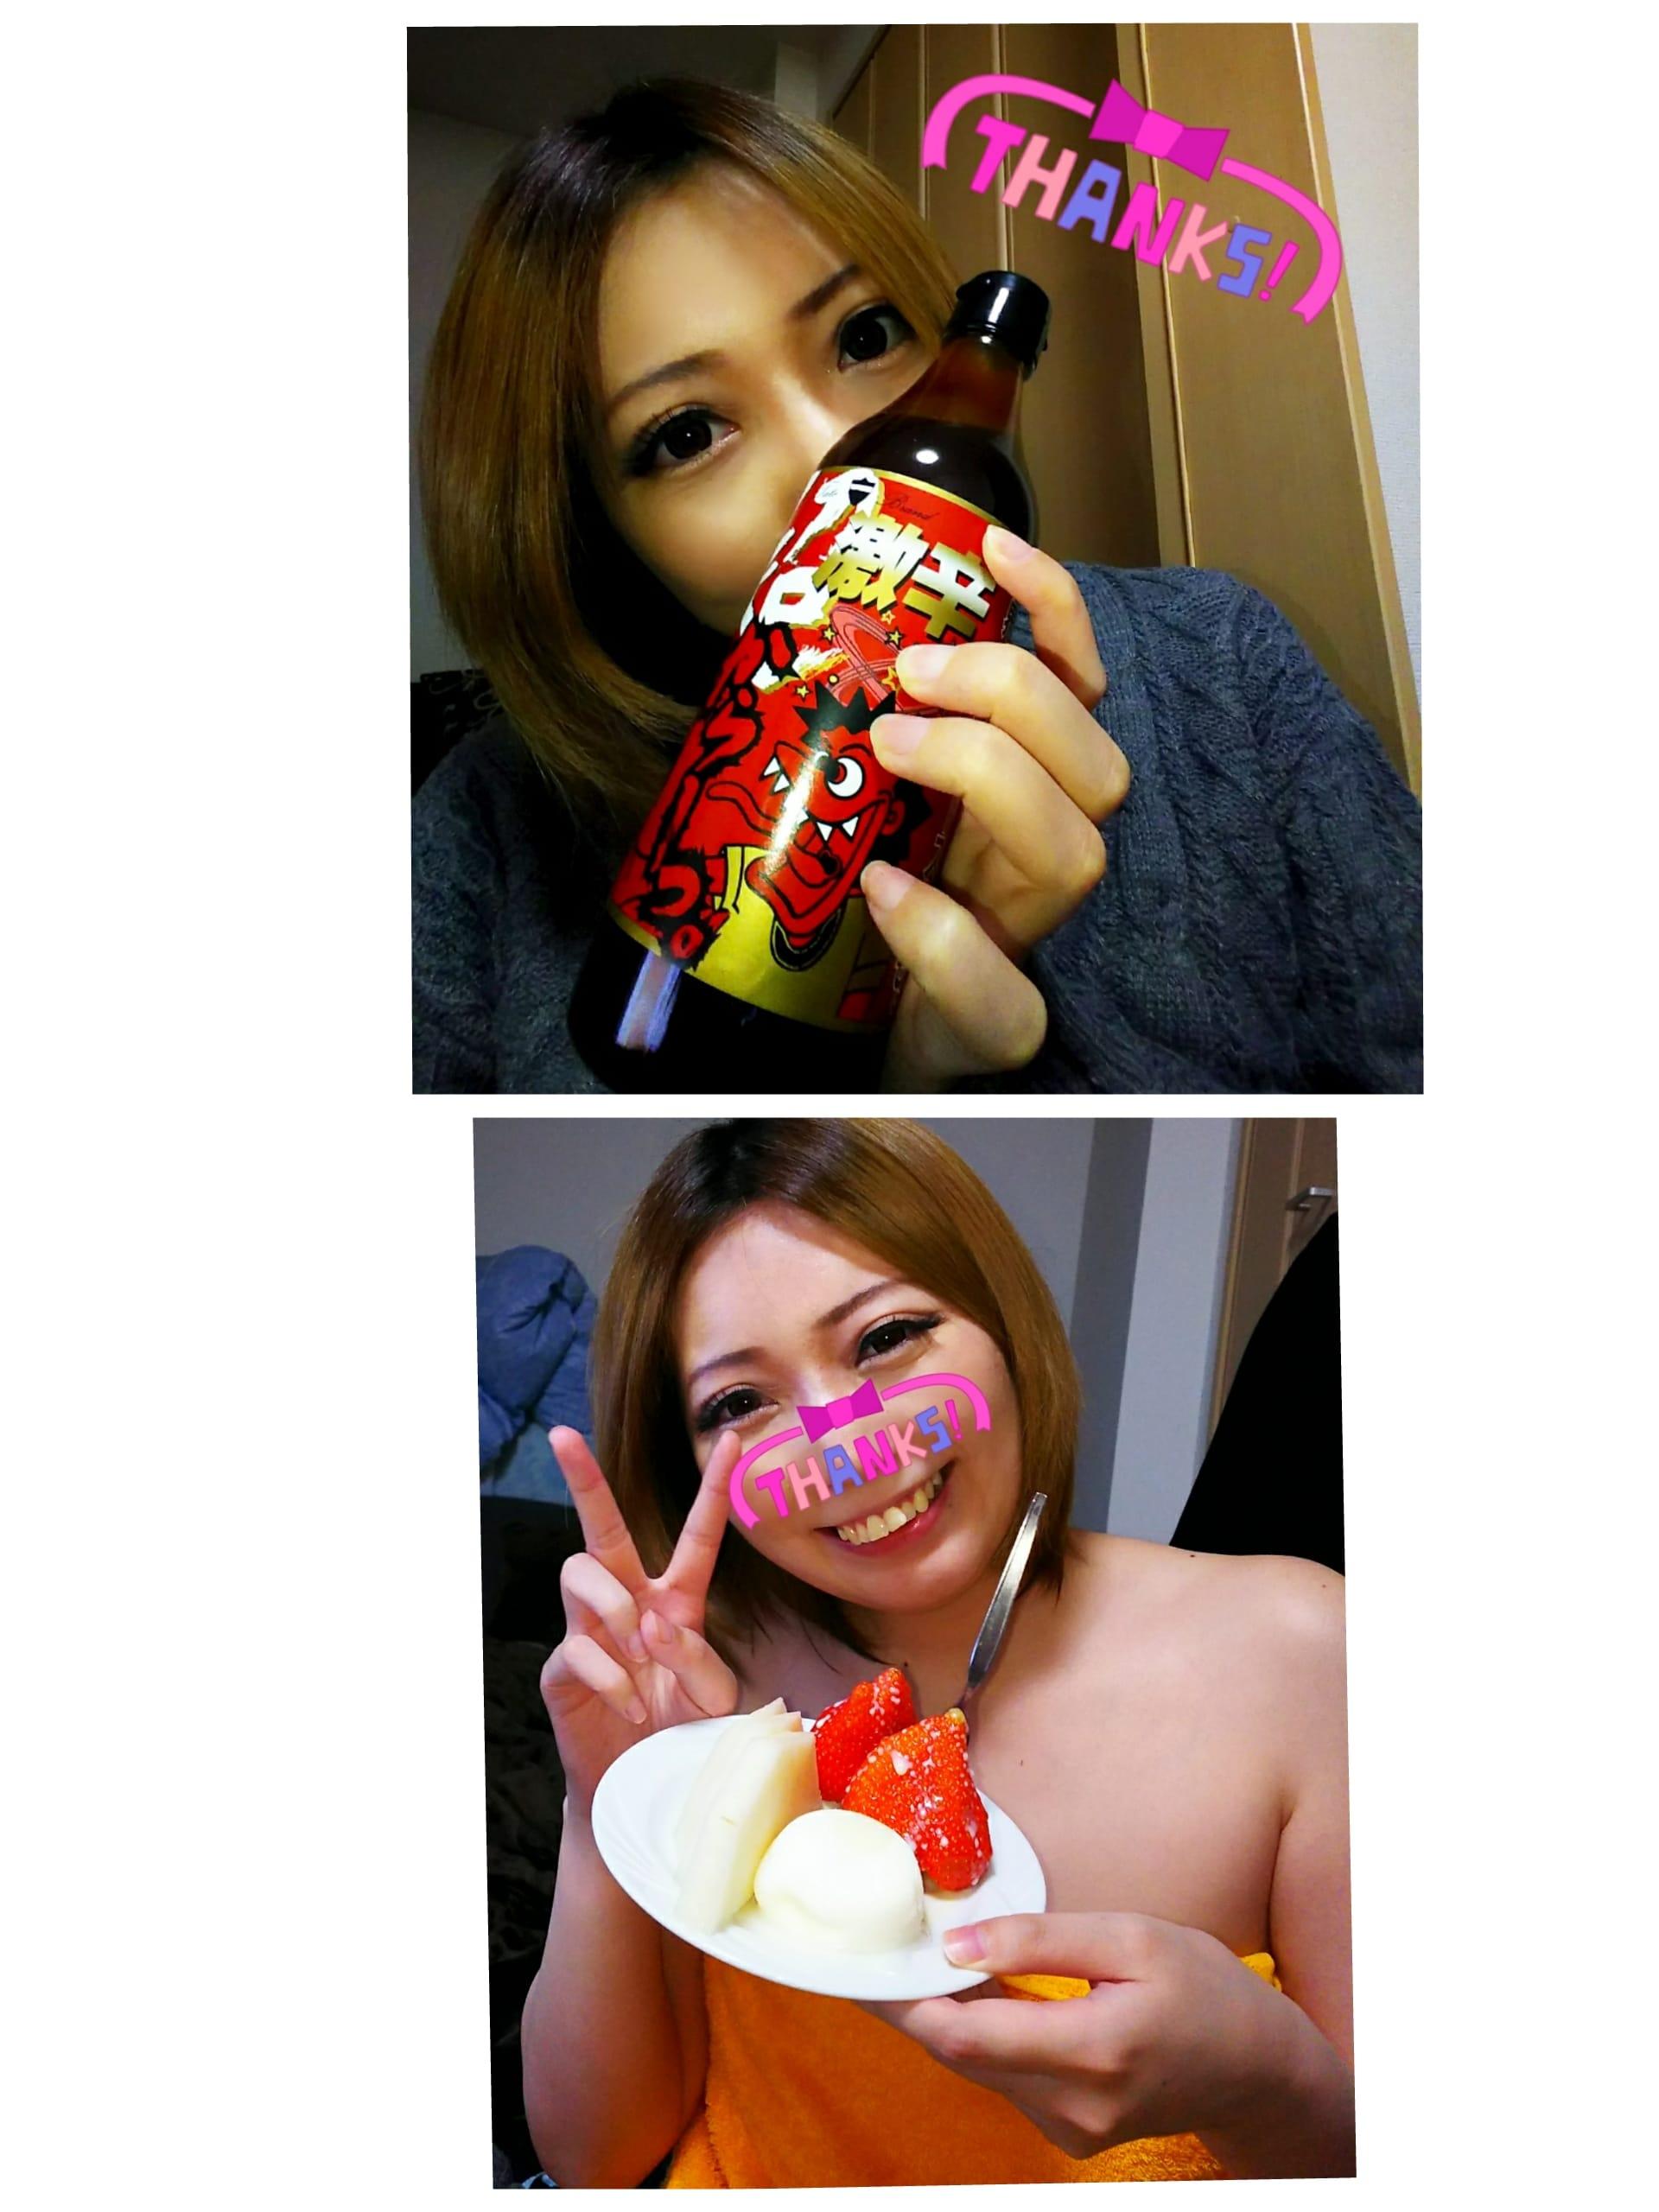 「120分リピのぉ兄sama☆」02/19(02/19) 00:34 | メルの写メ・風俗動画